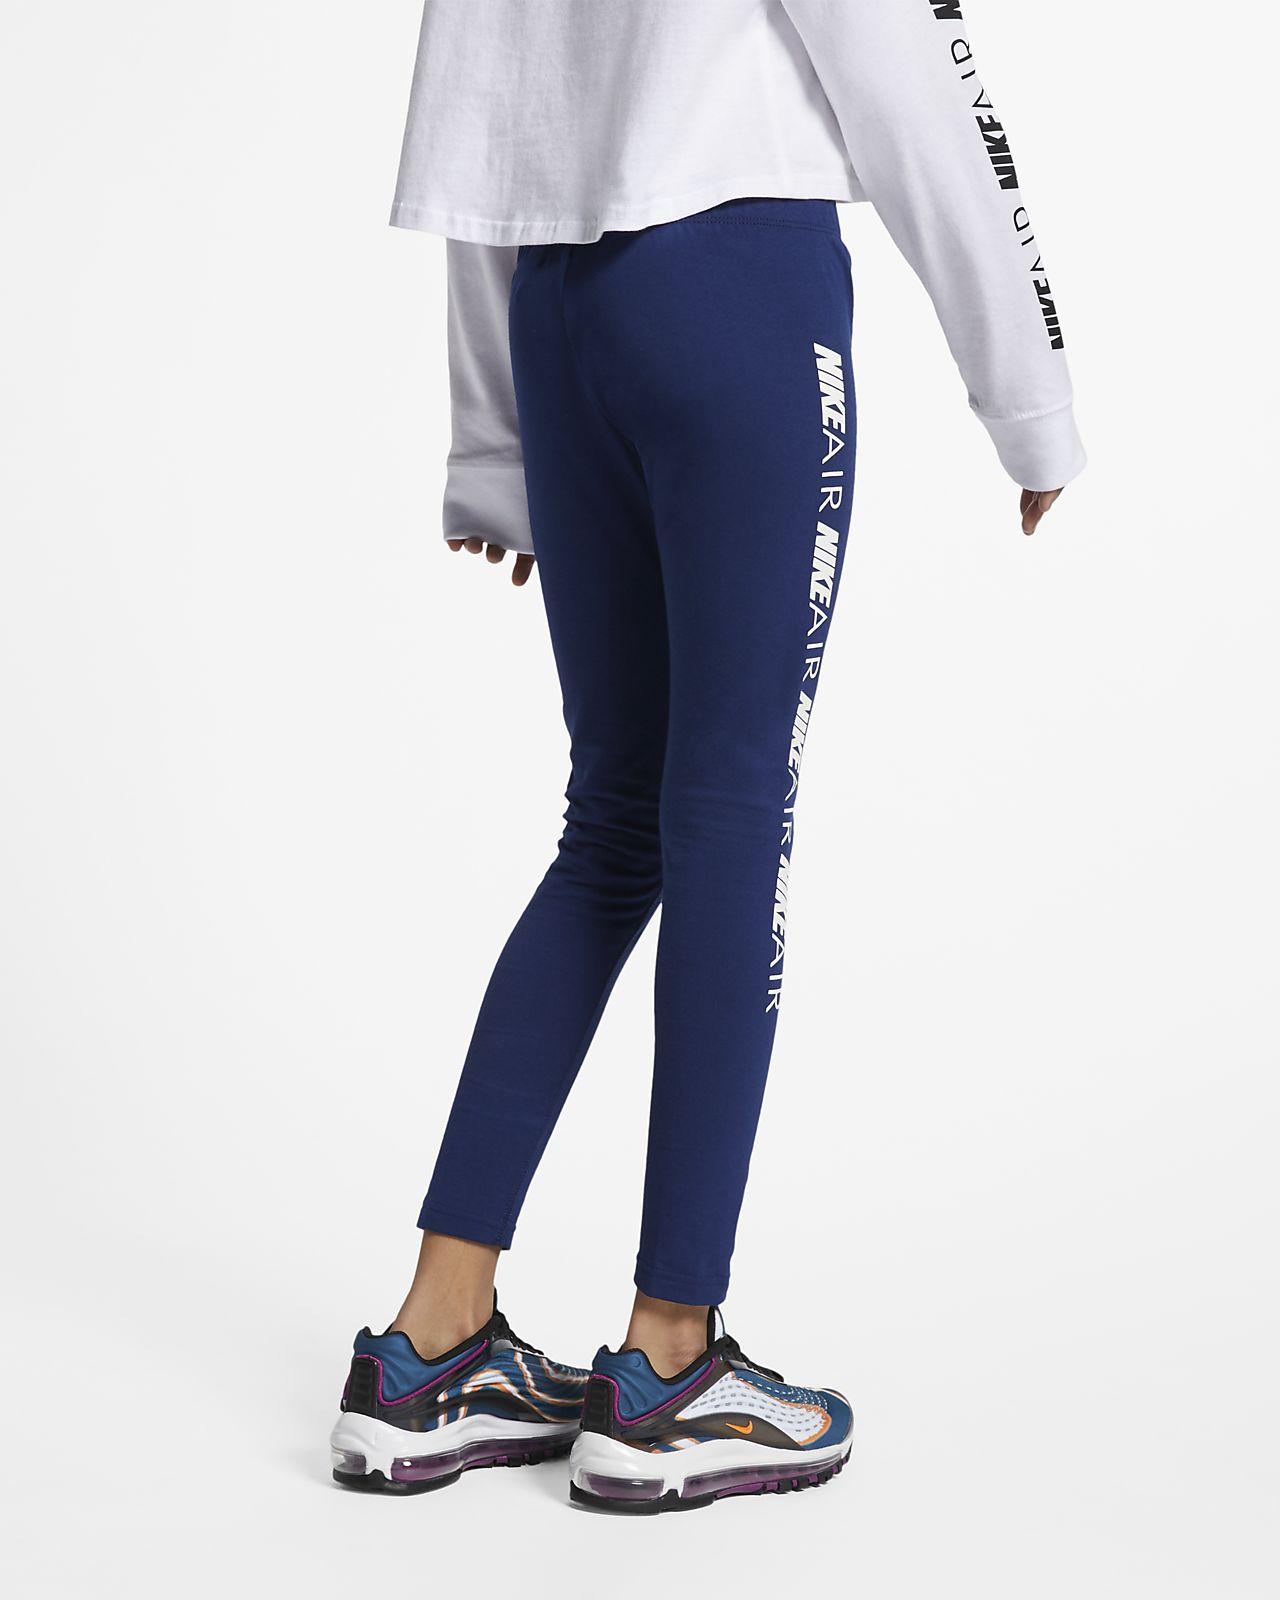 96f30294e9f76 Nike Air Older Kids' (Girls') Leggings. Nike.com SE